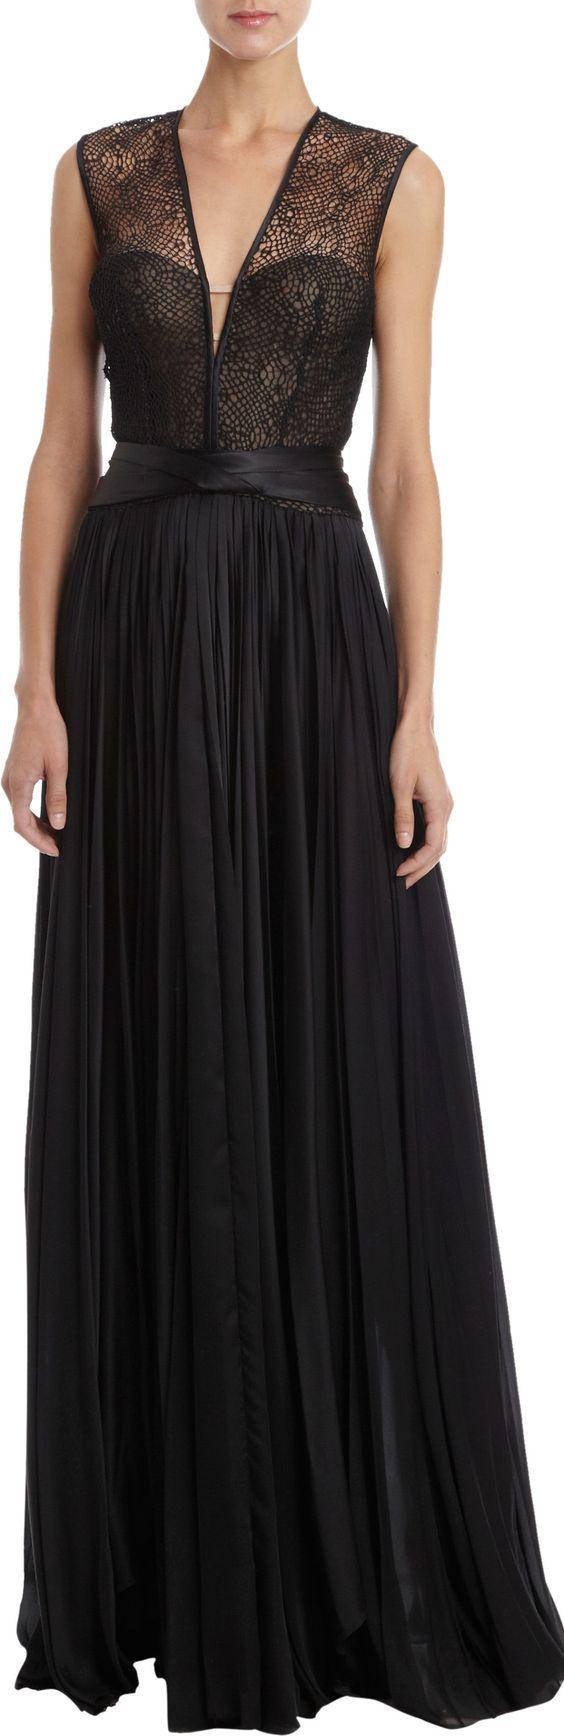 A long black dress 6 months